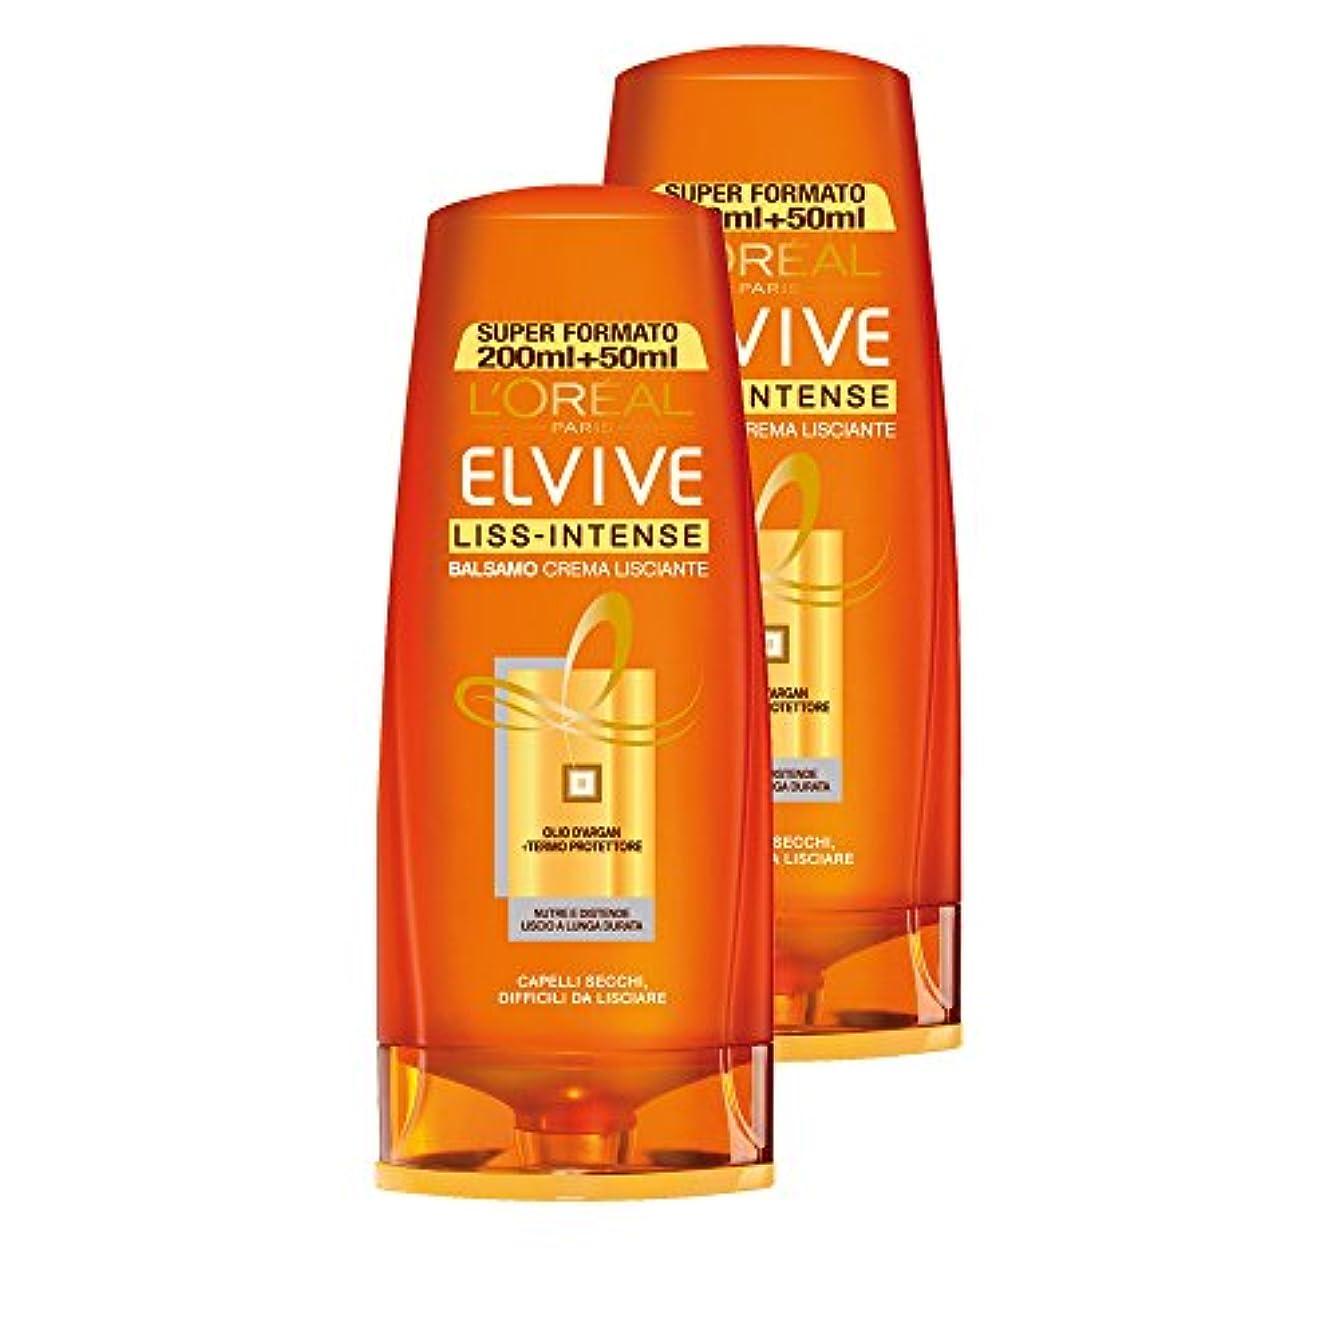 イタリアの泥かんがいL 'OréalParis Elvive LISS-INTENSEバームクリームヘアサロン乾燥、なめらかにするのが難しい、3パック2 x 250 ml、合計:1500 ml